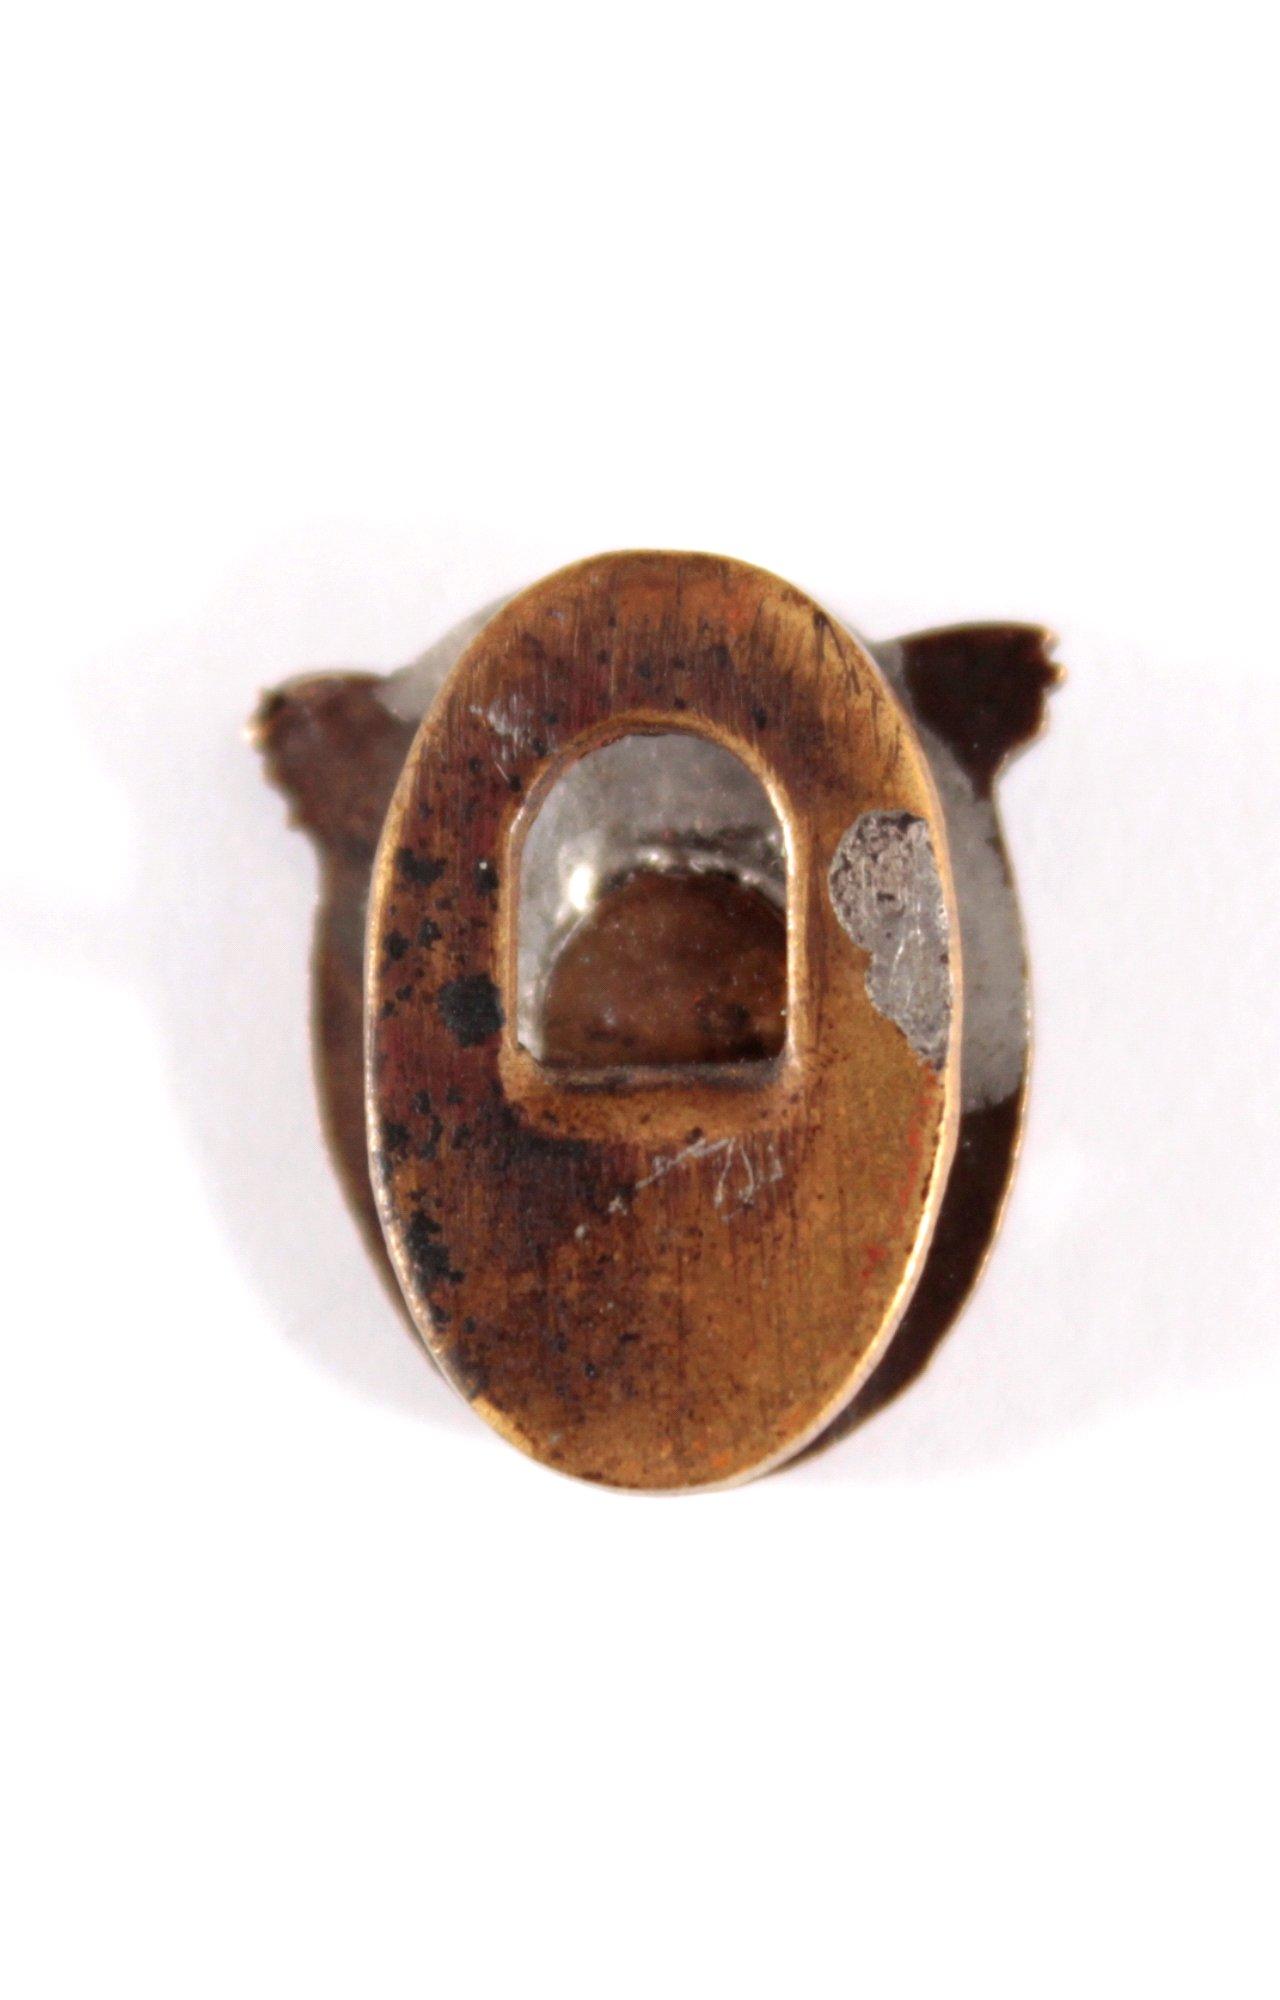 ADAC Sportauszeichnung in Bronze, klein-1